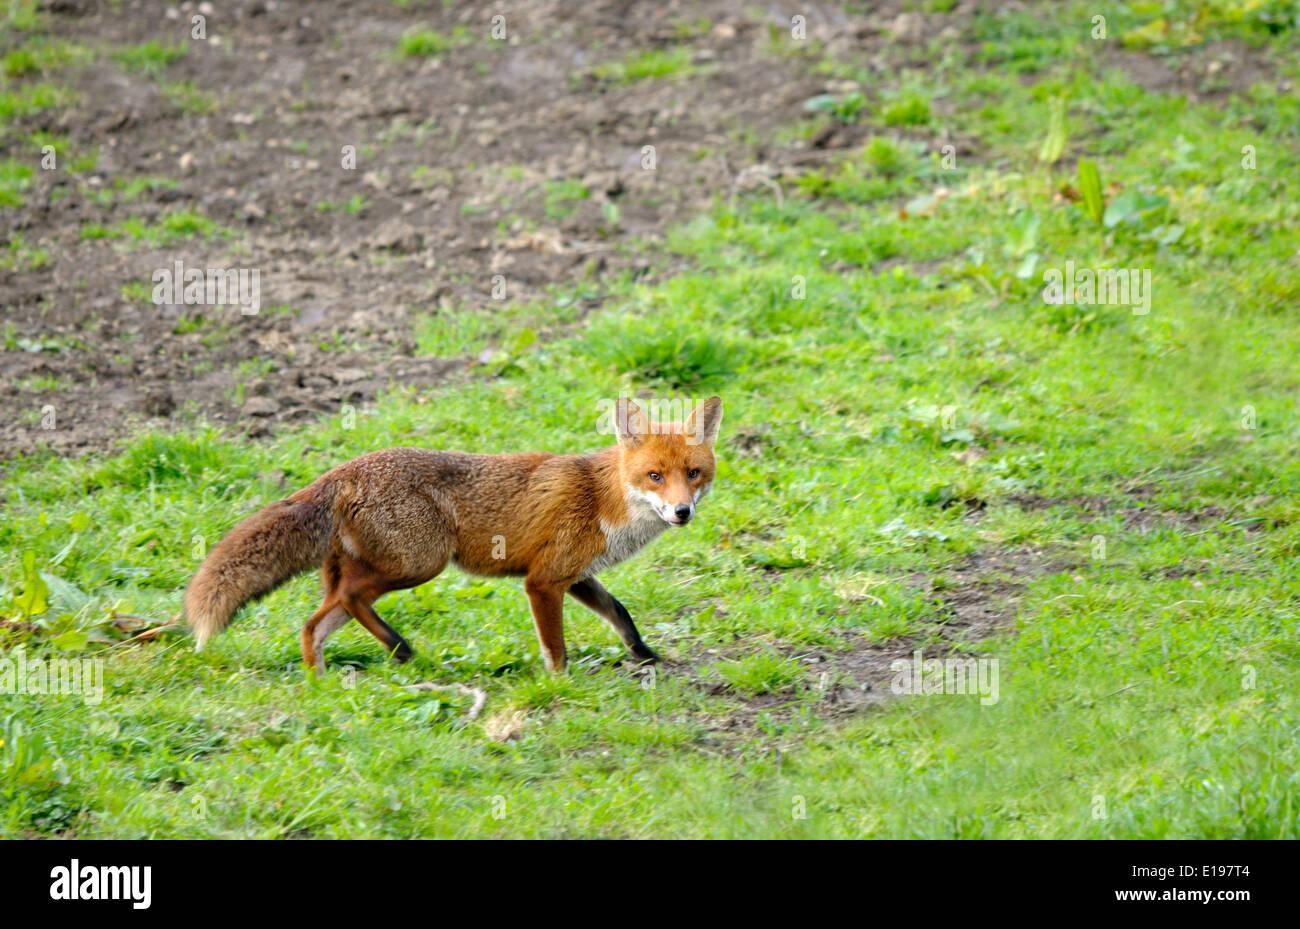 Europen Red Fox (Vulpes vulpes) - Stock Image